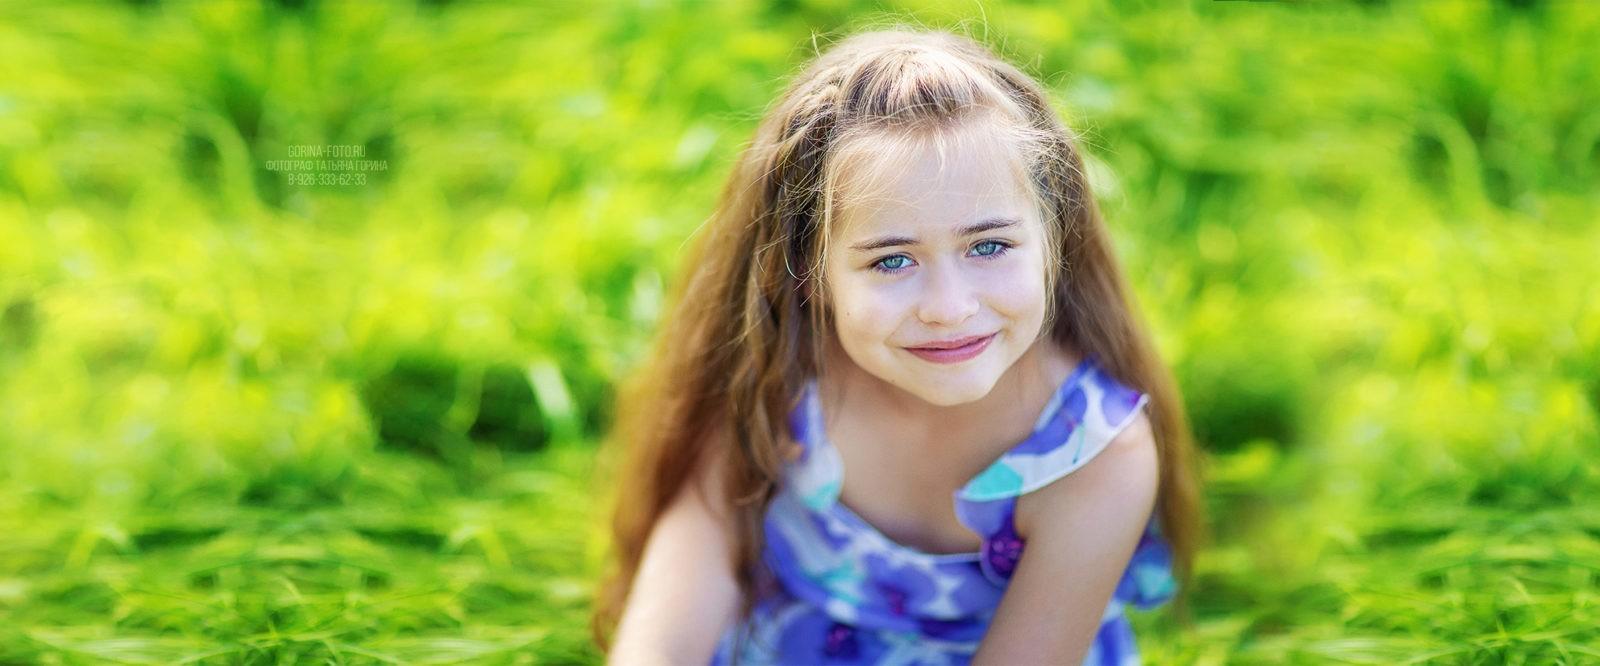 Детская фотосессия весной. Фотограф Татьяна Горина.